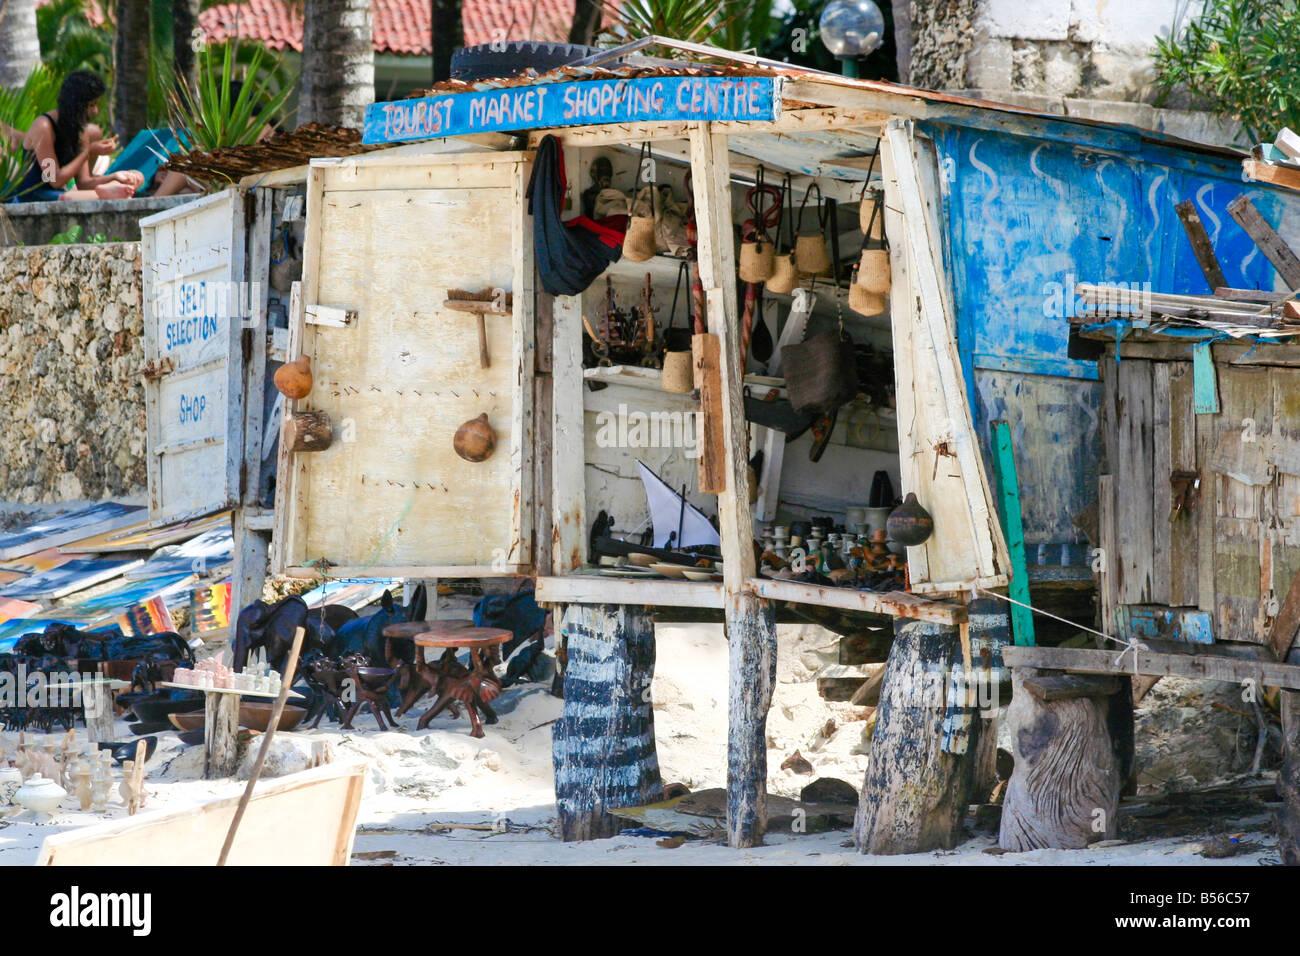 Foto Von Einem Souvenir Shop Auf Stelzen An Einem Belebten Strand An